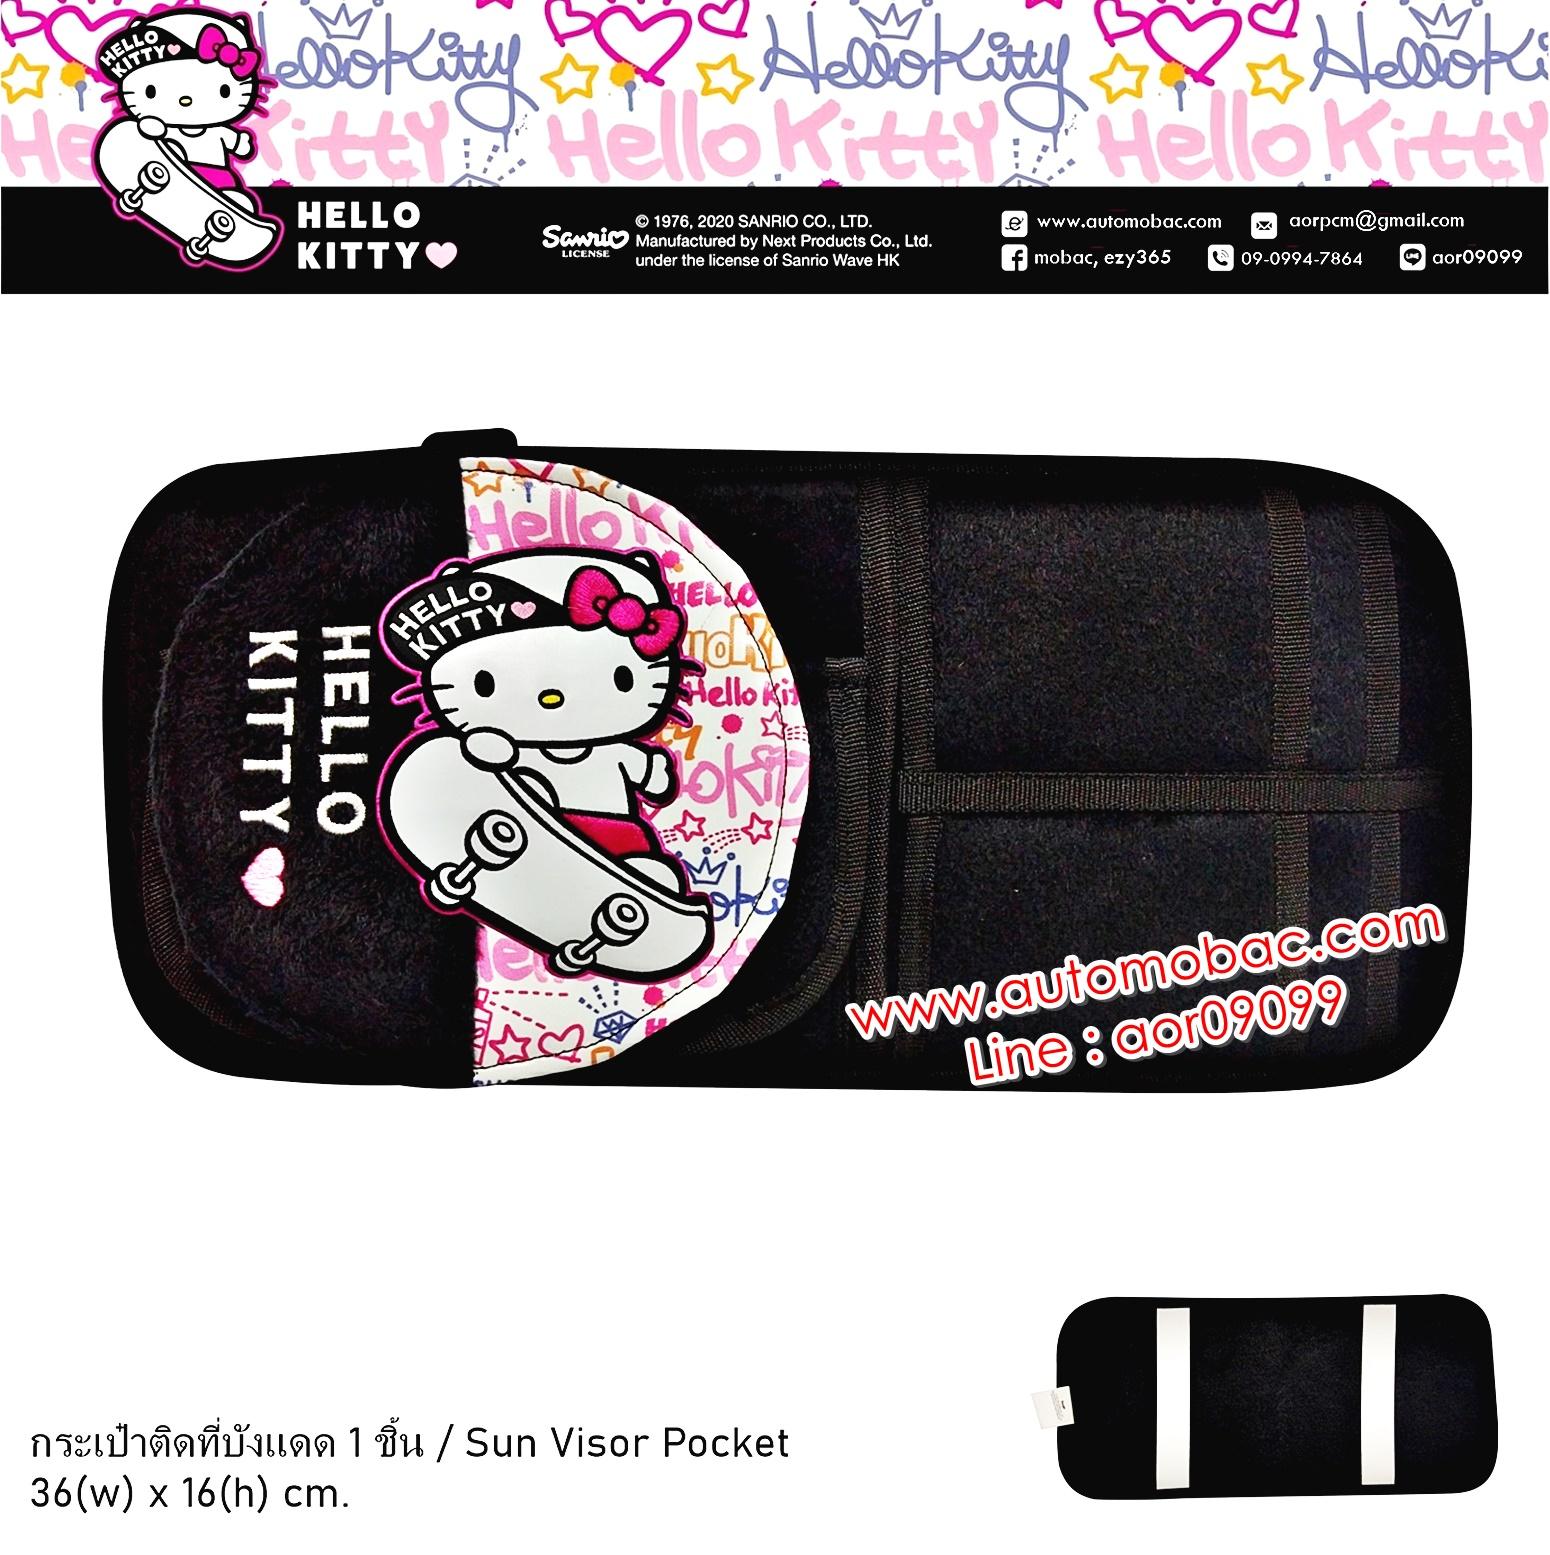 Kitty Street กระเป๋าติดที่บังแดด 1 ชิ้น งานผ้าผสมหนัง ขนาด 36(w)x16(h) cm. ช่วยจัดระเบียบสิ่งของ แท้